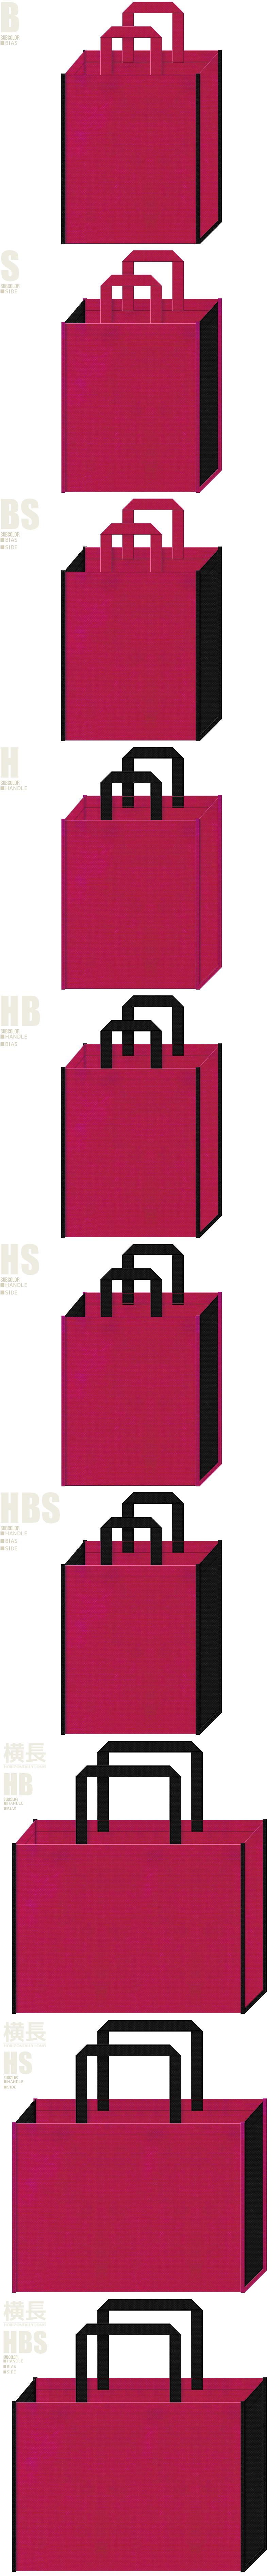 ネイルセミナーの資料配布用・靴のショッピングバッグにお奨めの、濃いピンク色と黒色、7パターンの不織布トートバッグ配色デザイン例。